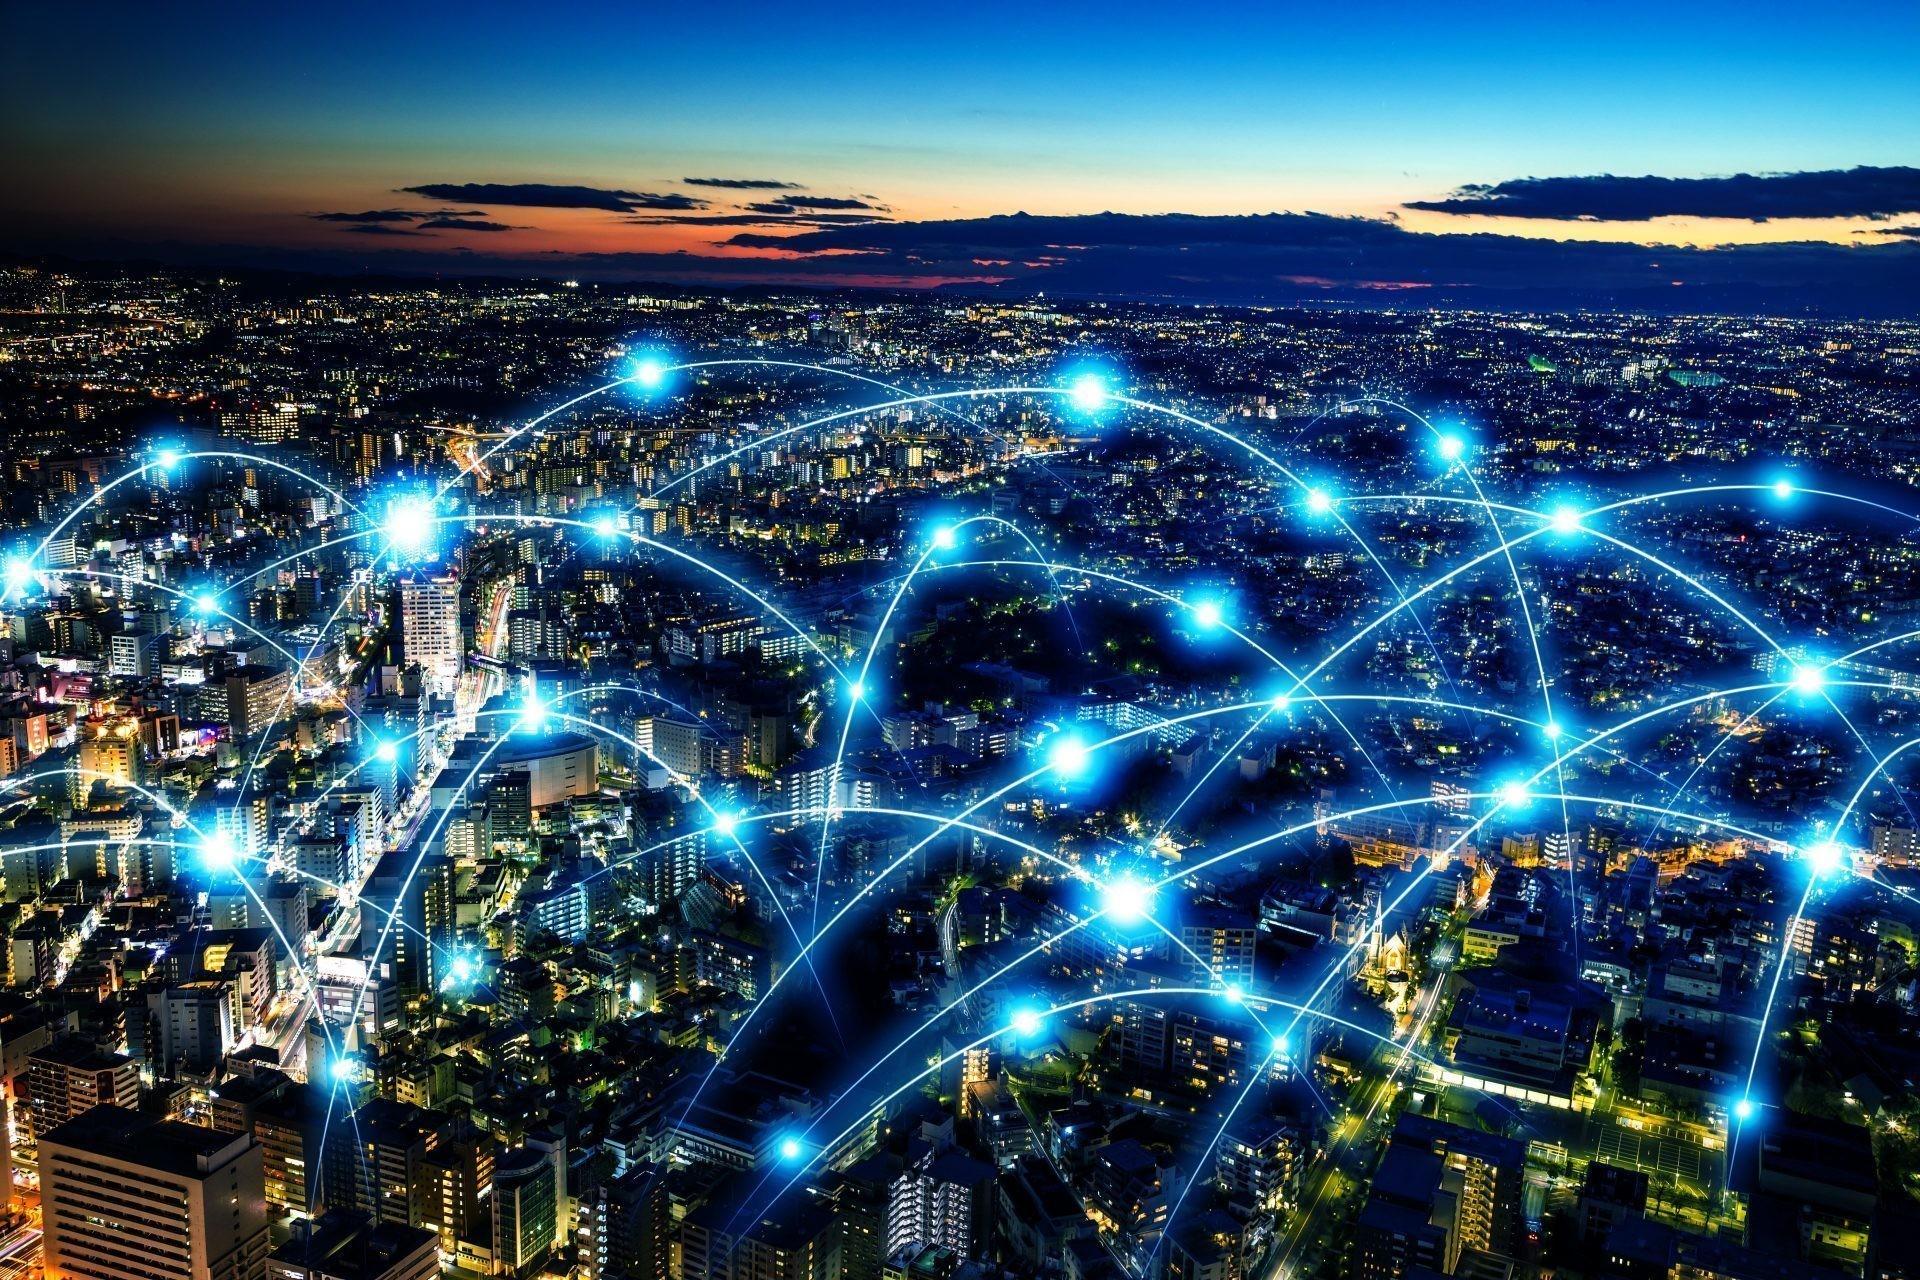 Las tres firmas de telecomunicaciones más grandes del mundo finalizaron una prueba de liquidación automatizada con tecnología blockchain